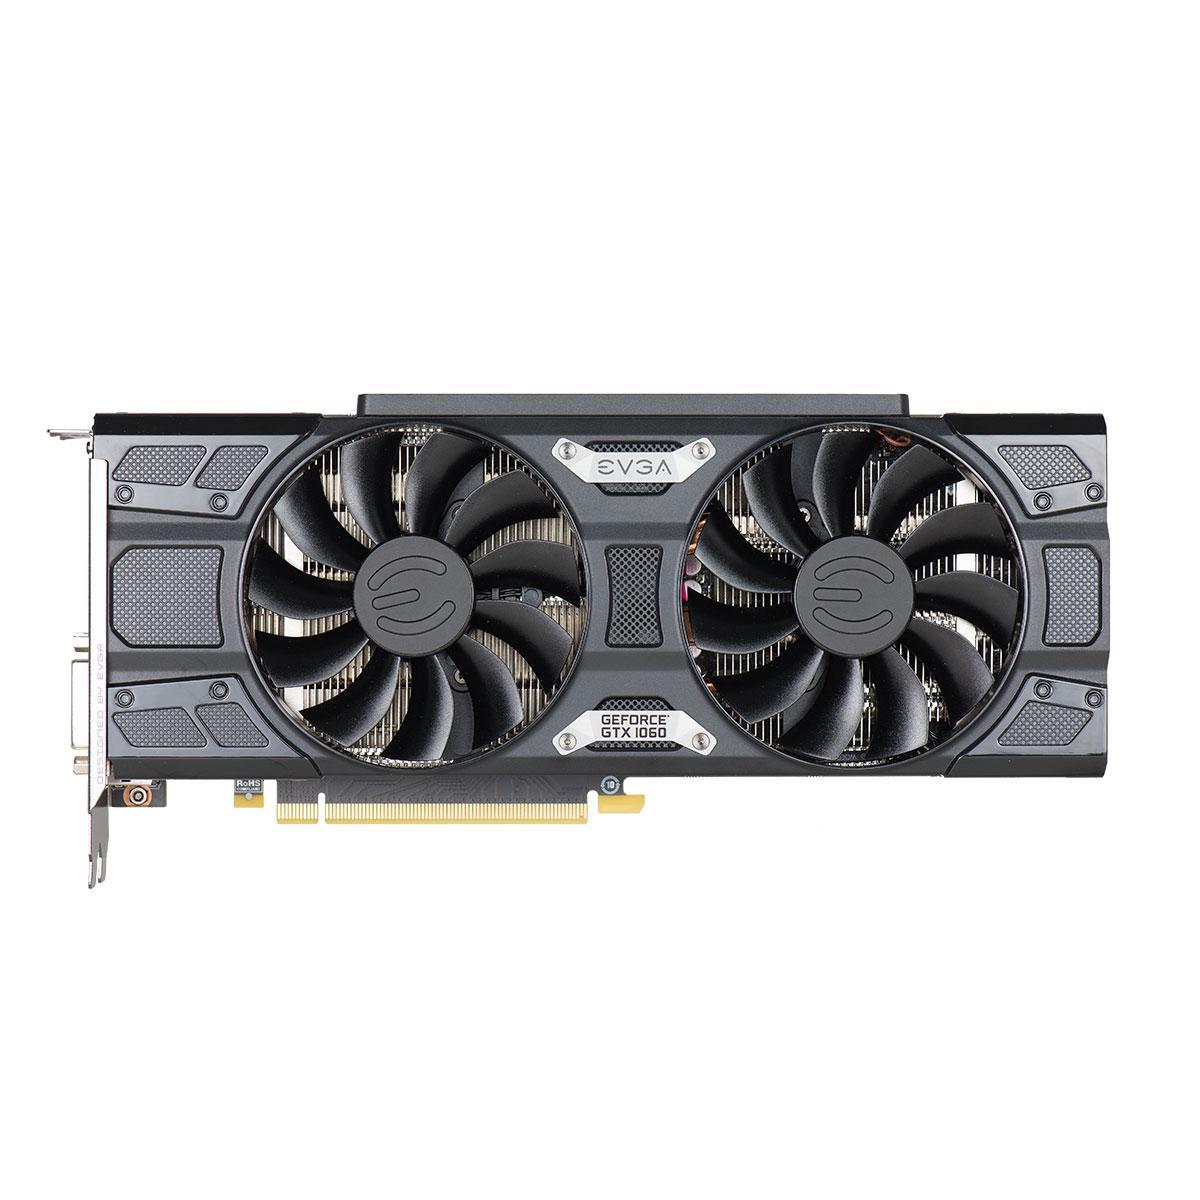 EVGA GeForce GTX 1060 6GB SSC Gaming